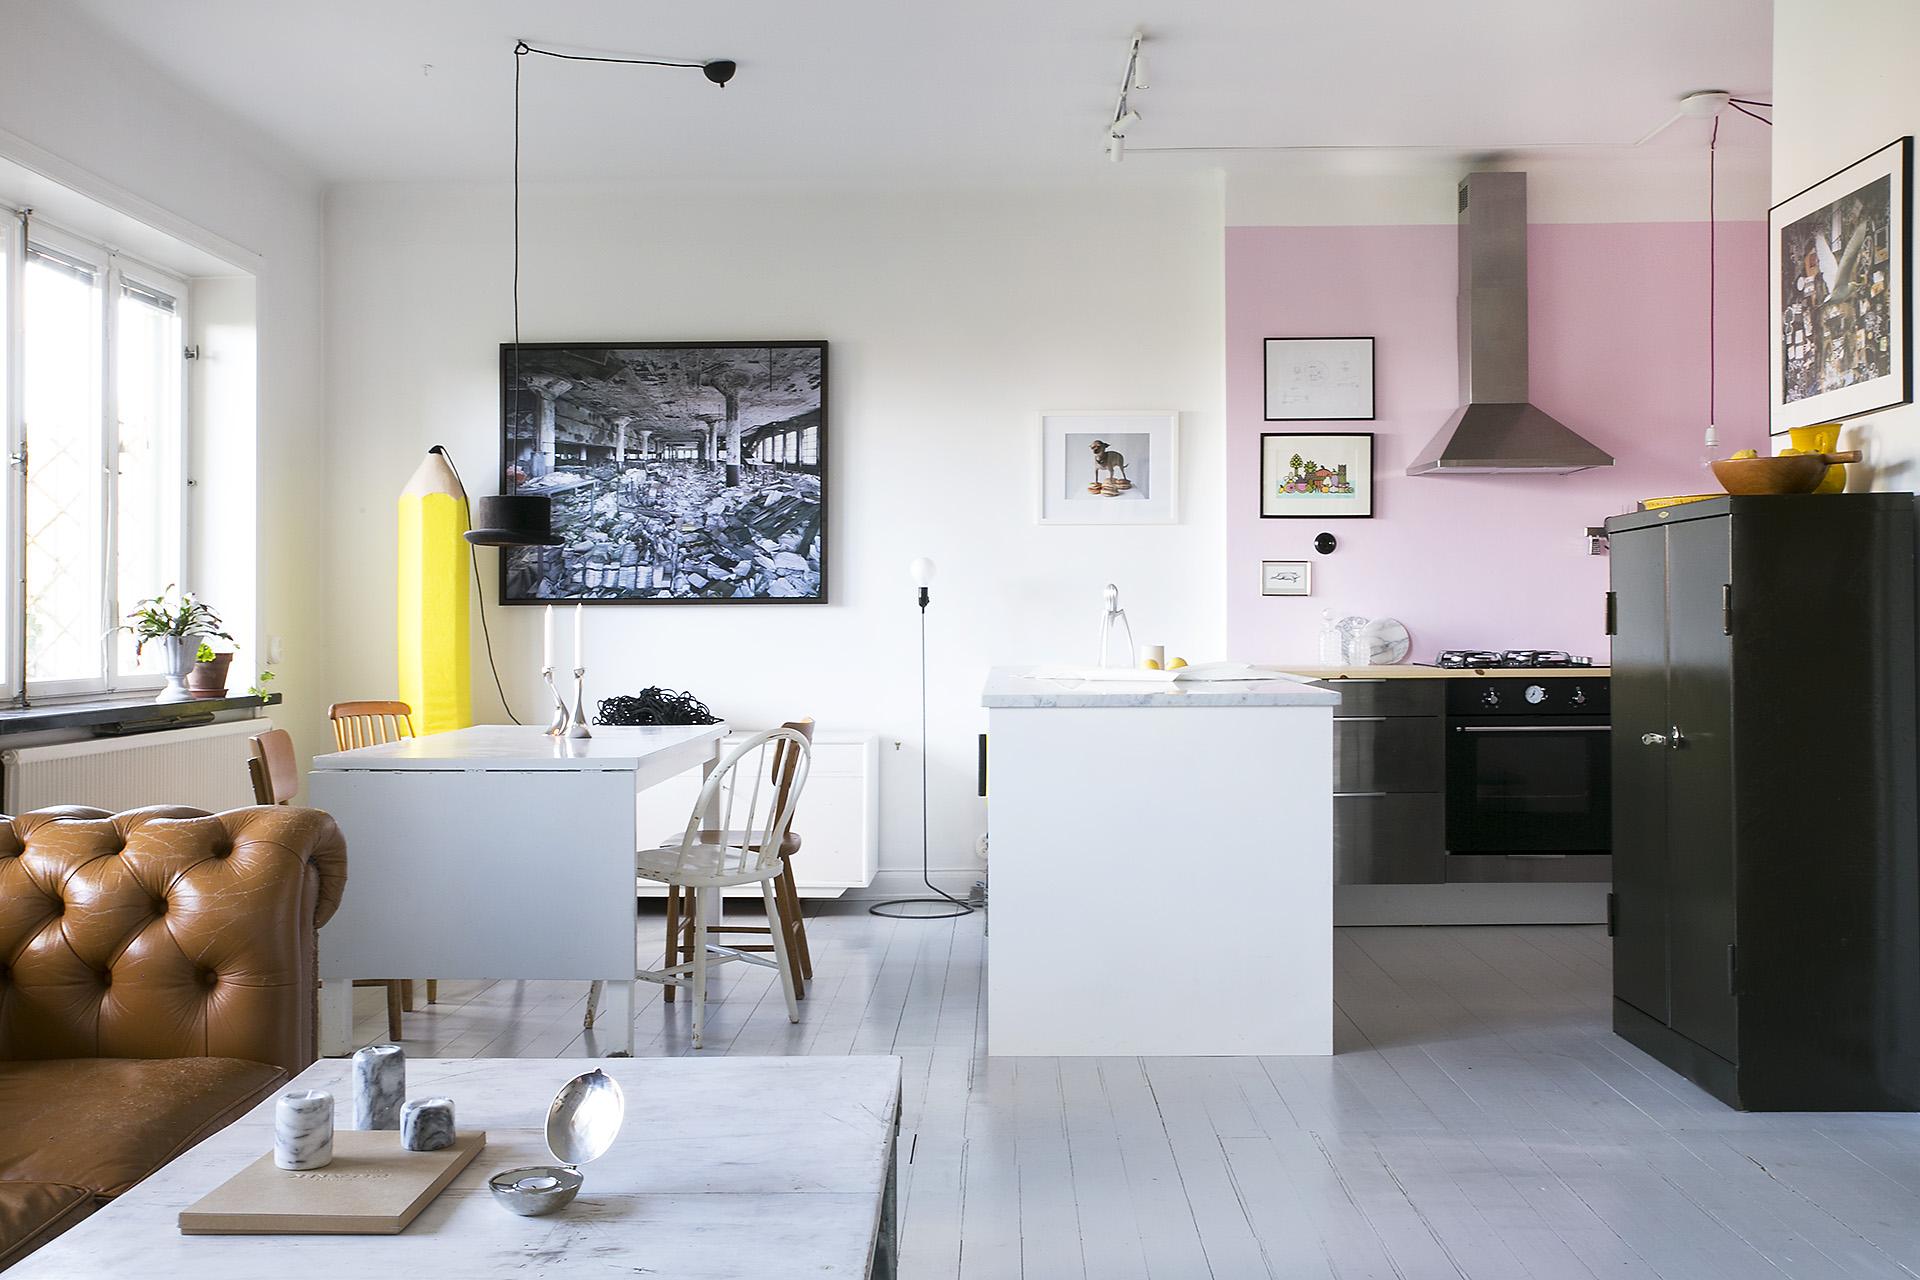 Magnificent Ems Kitchen Festooning - Stylish Vintage Kitchen Ideas ...